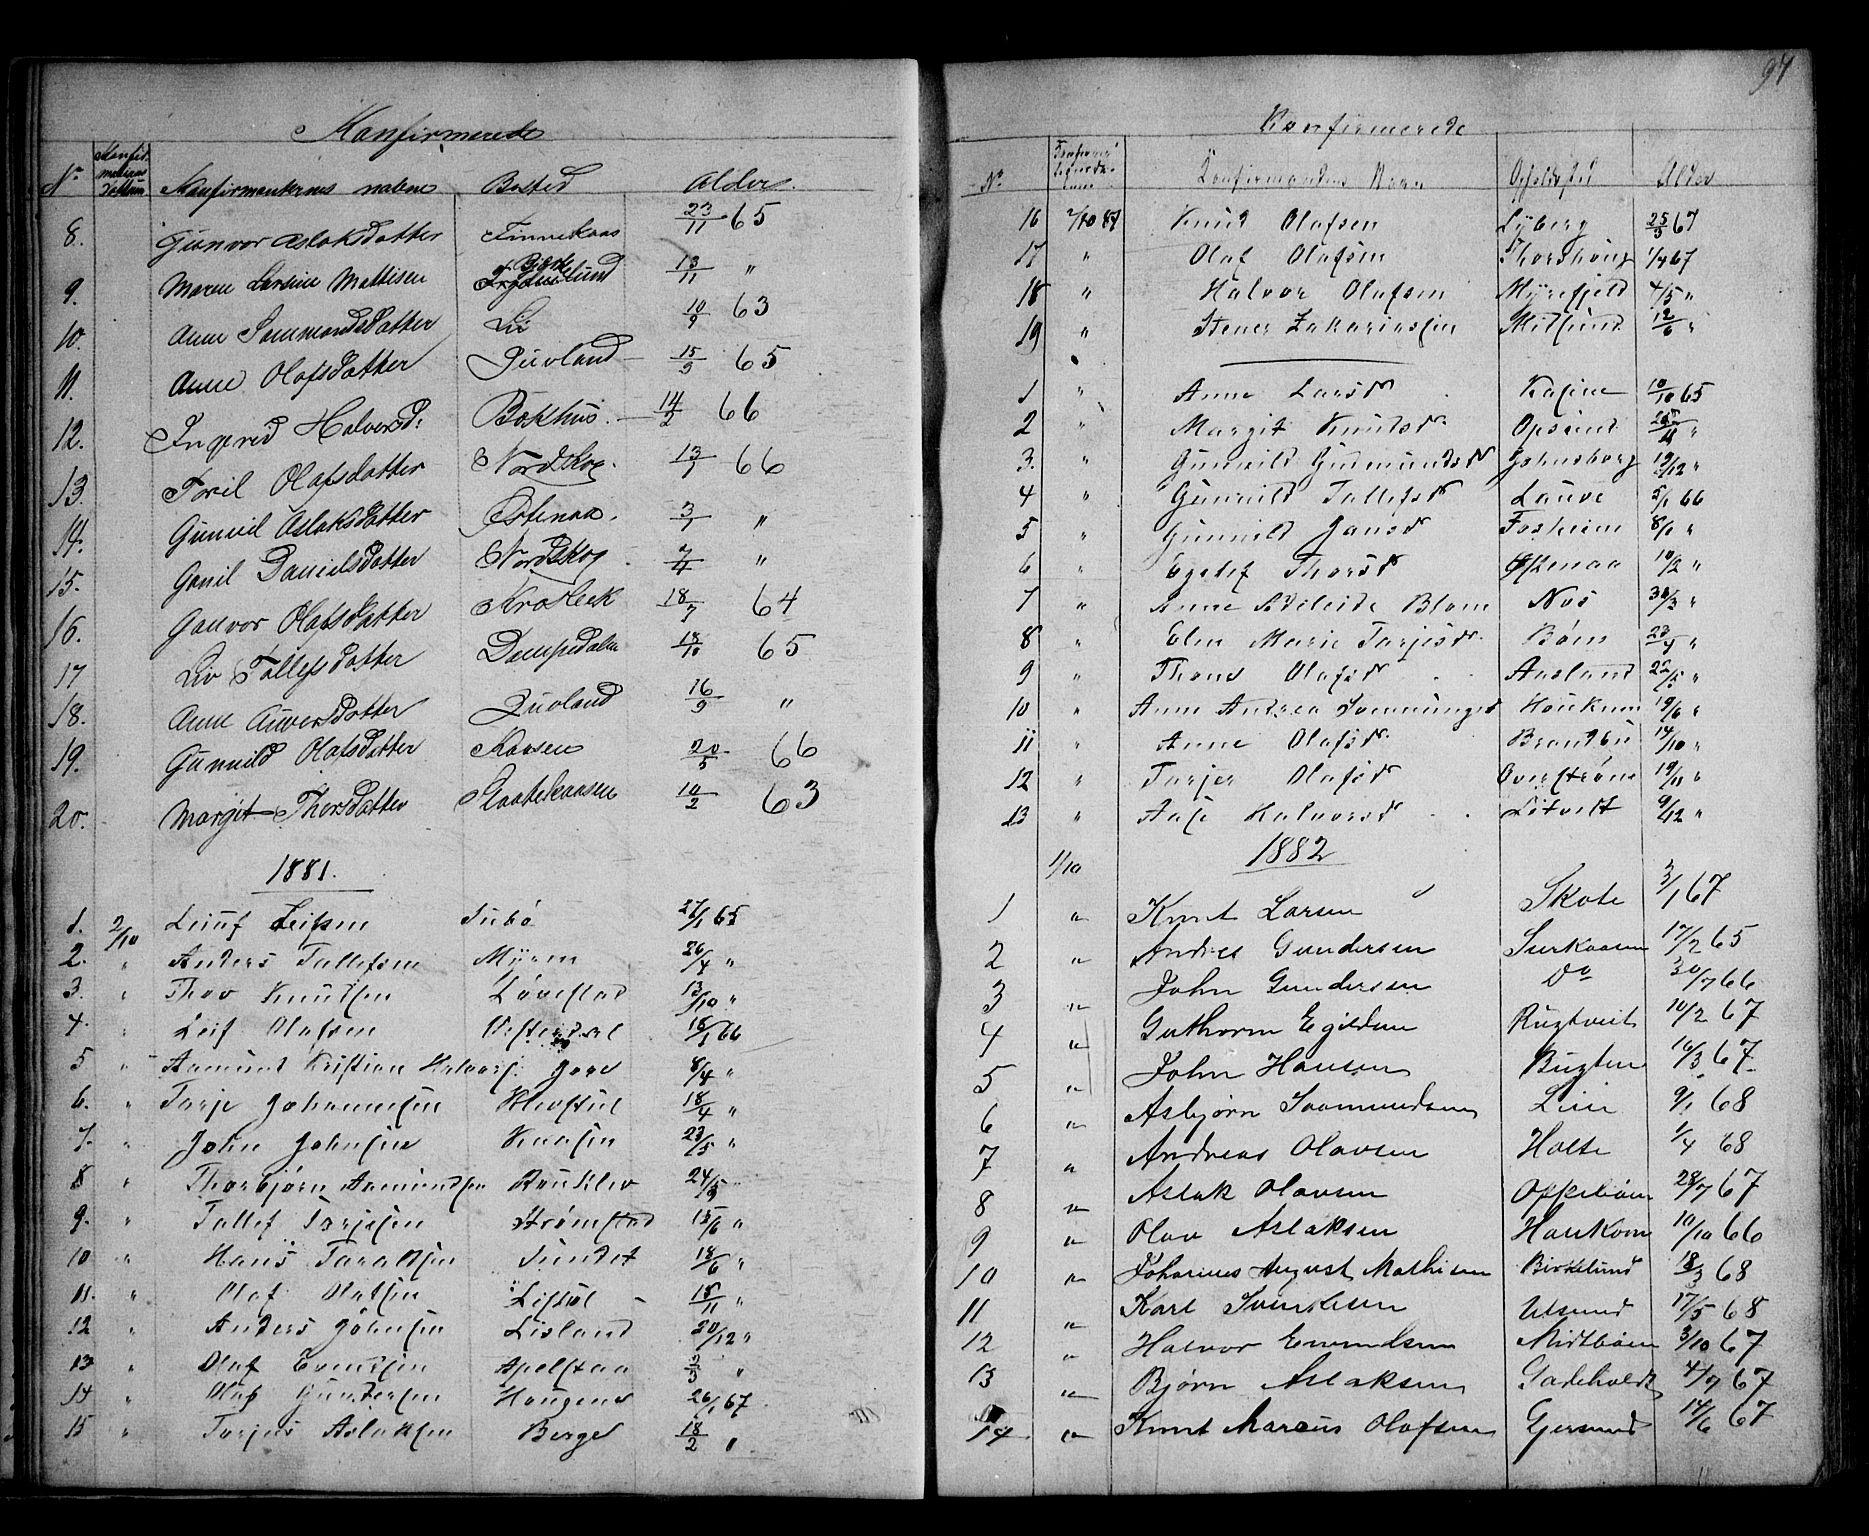 SAKO, Kviteseid kirkebøker, G/Ga/L0001: Klokkerbok nr. I 1, 1850-1893, s. 97